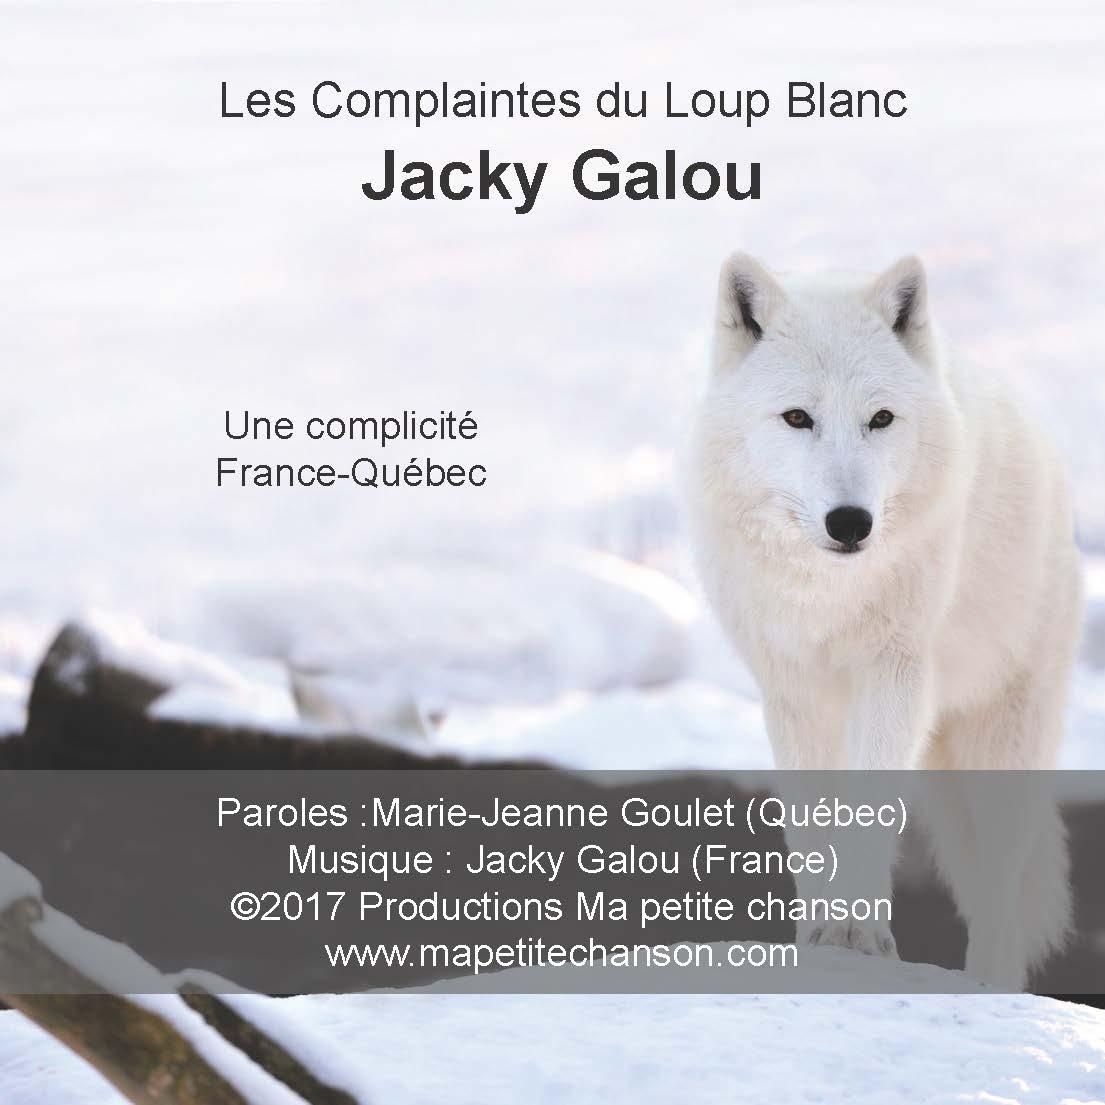 Les Complaintes du Loup Blanc